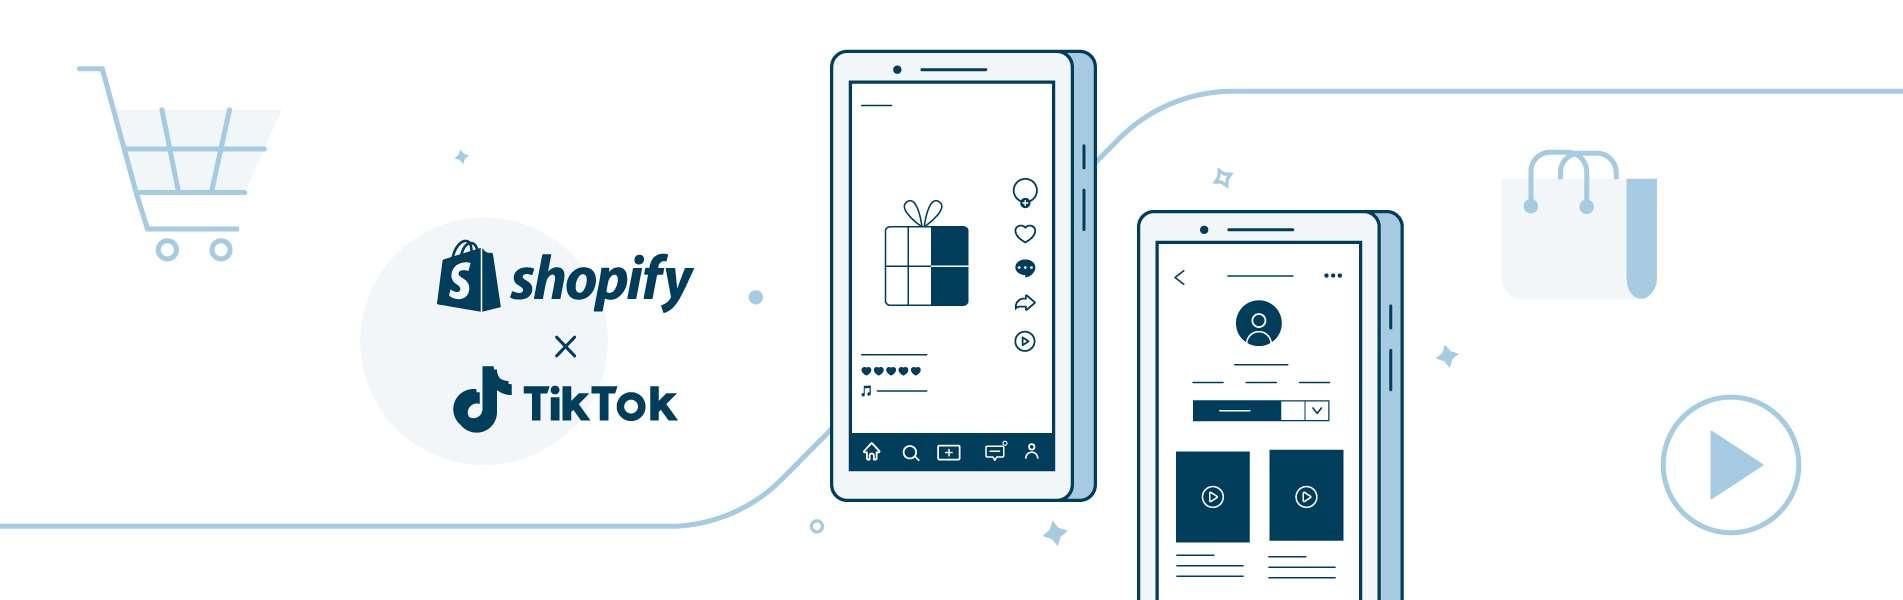 Shopify TikTok Shopping app